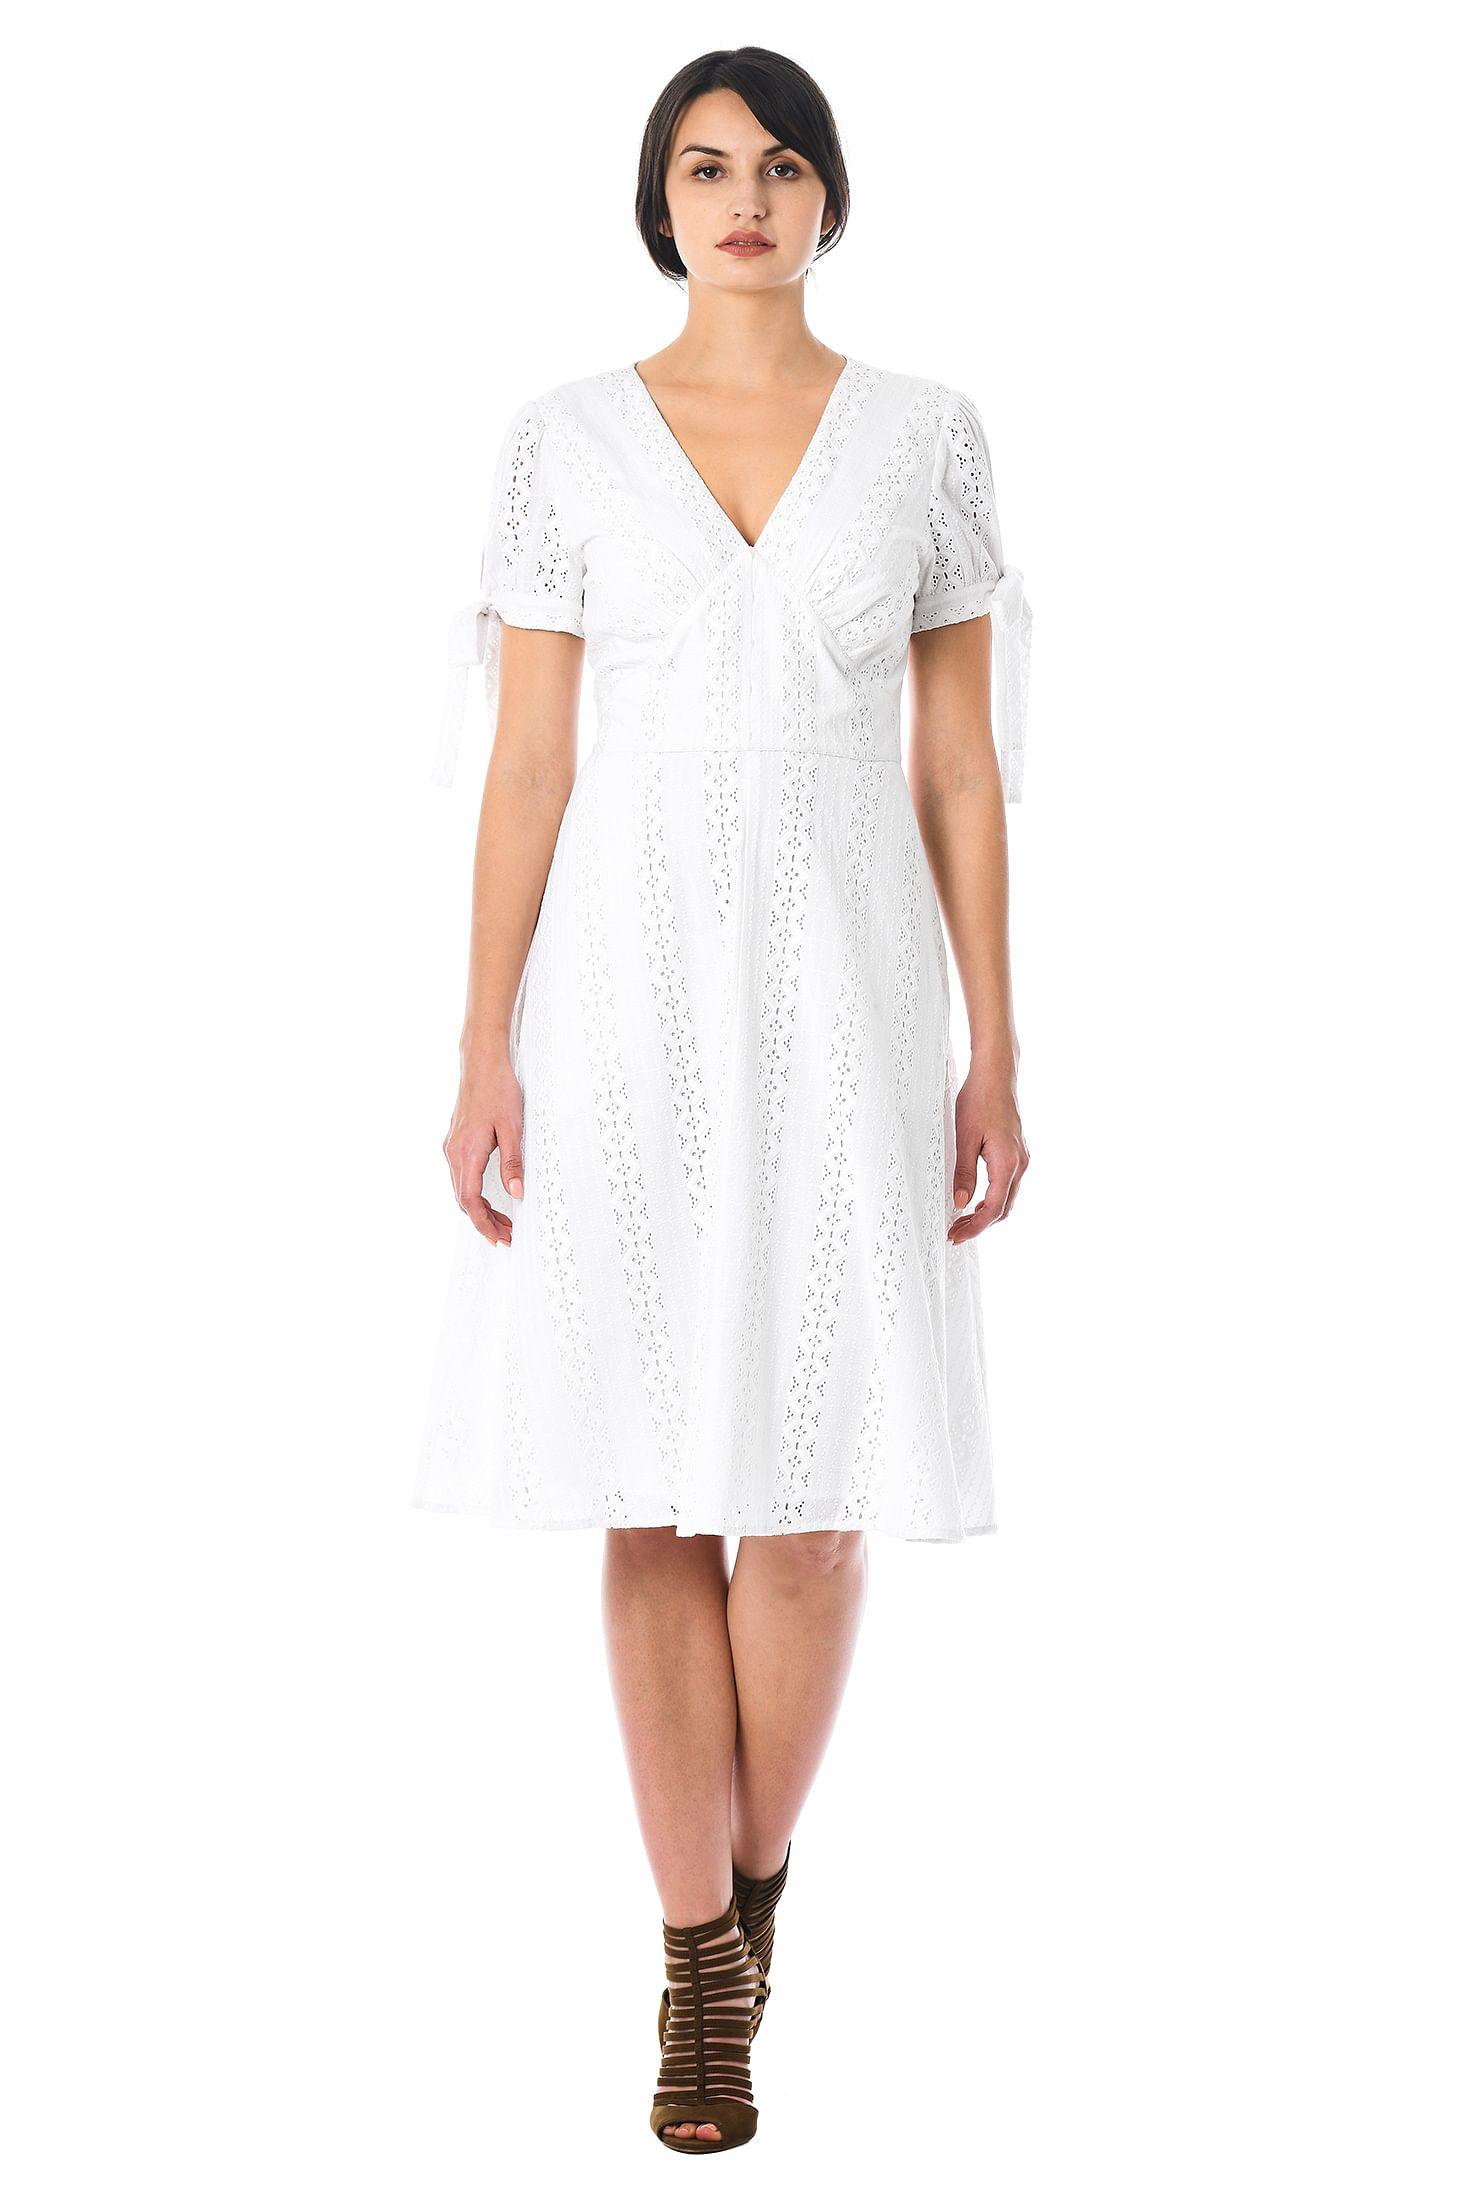 ddb83bfe5789 Well-known Women's Fashion Clothing 0-36W and Custom OJ11